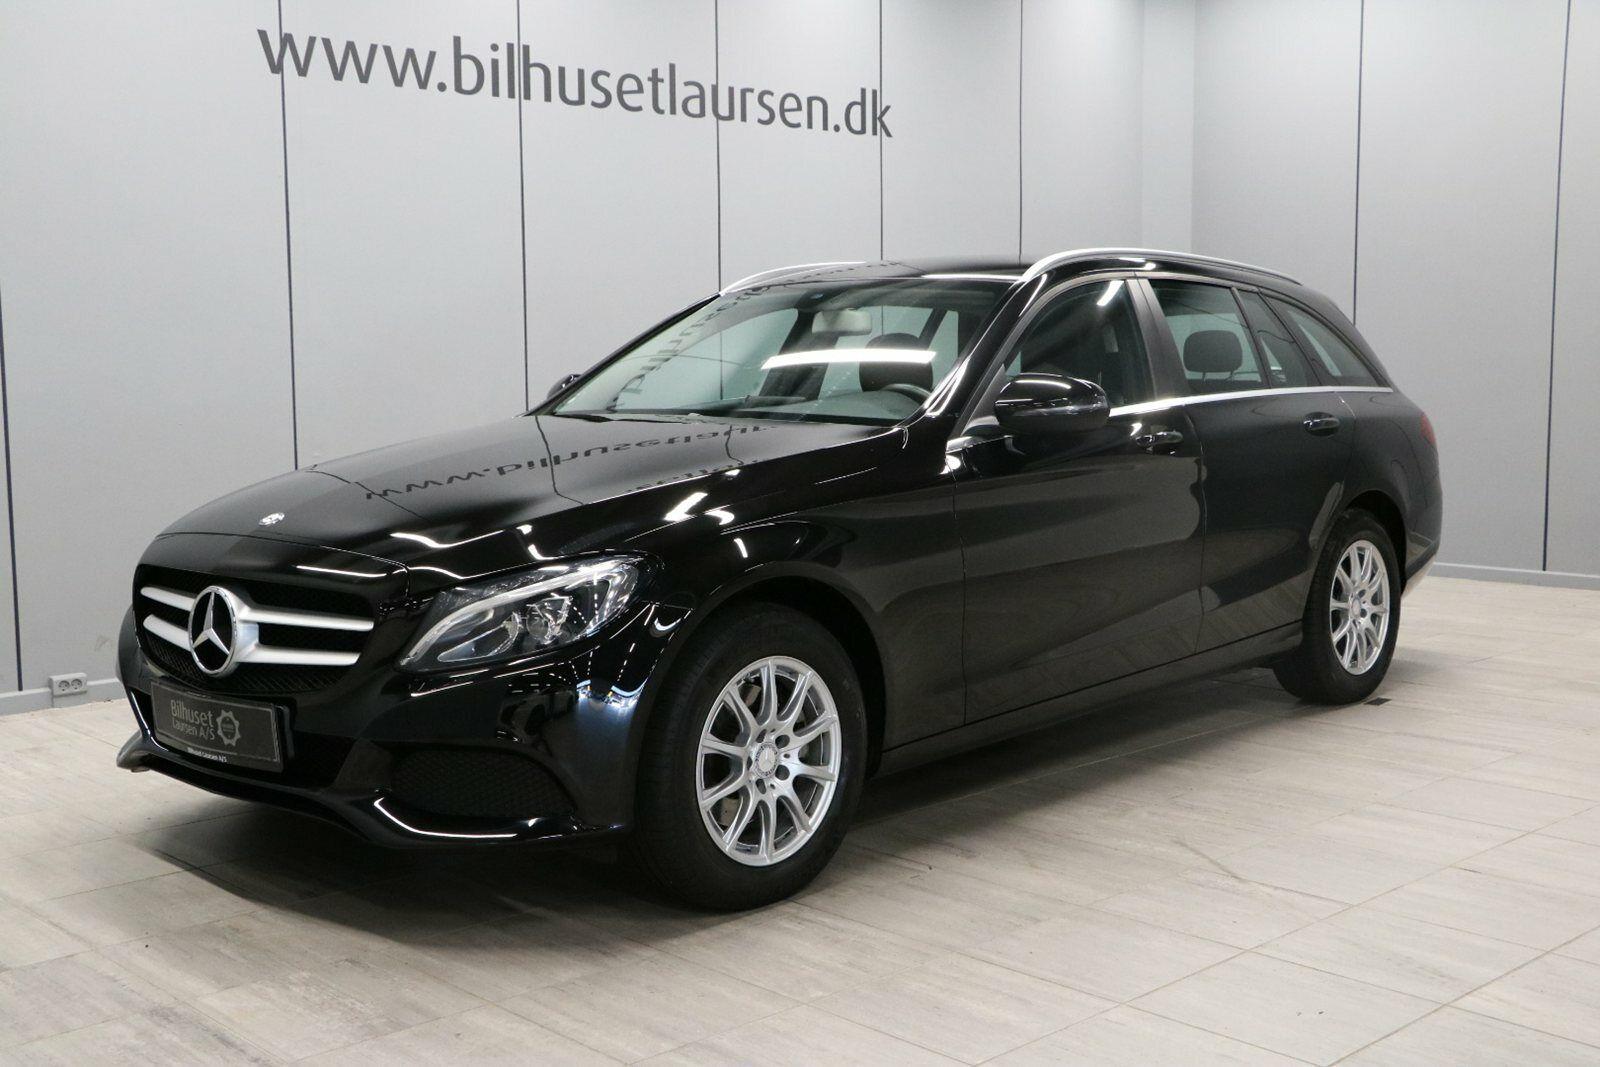 Mercedes C200 2,0 stc. aut. 5d - 364.900 kr.